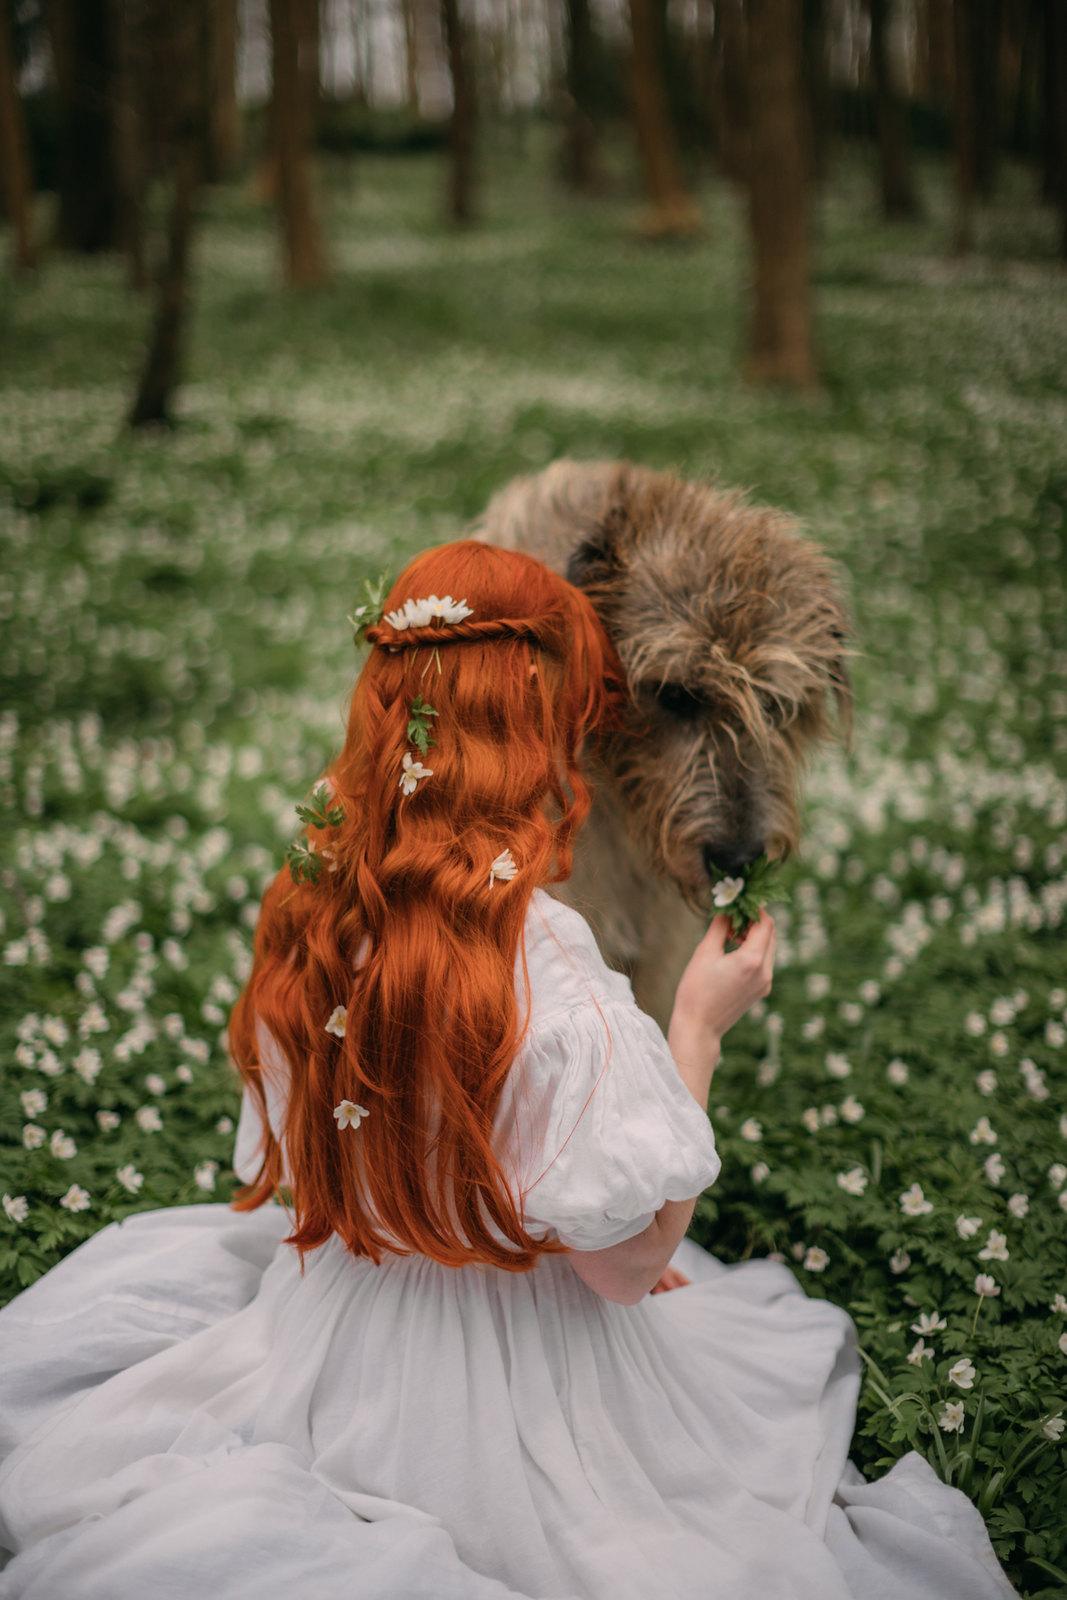 irish wolfhound, owning an irish wolfhound, cottagecore, cottagecore pets, cottagecore lifestyle, wolfhound